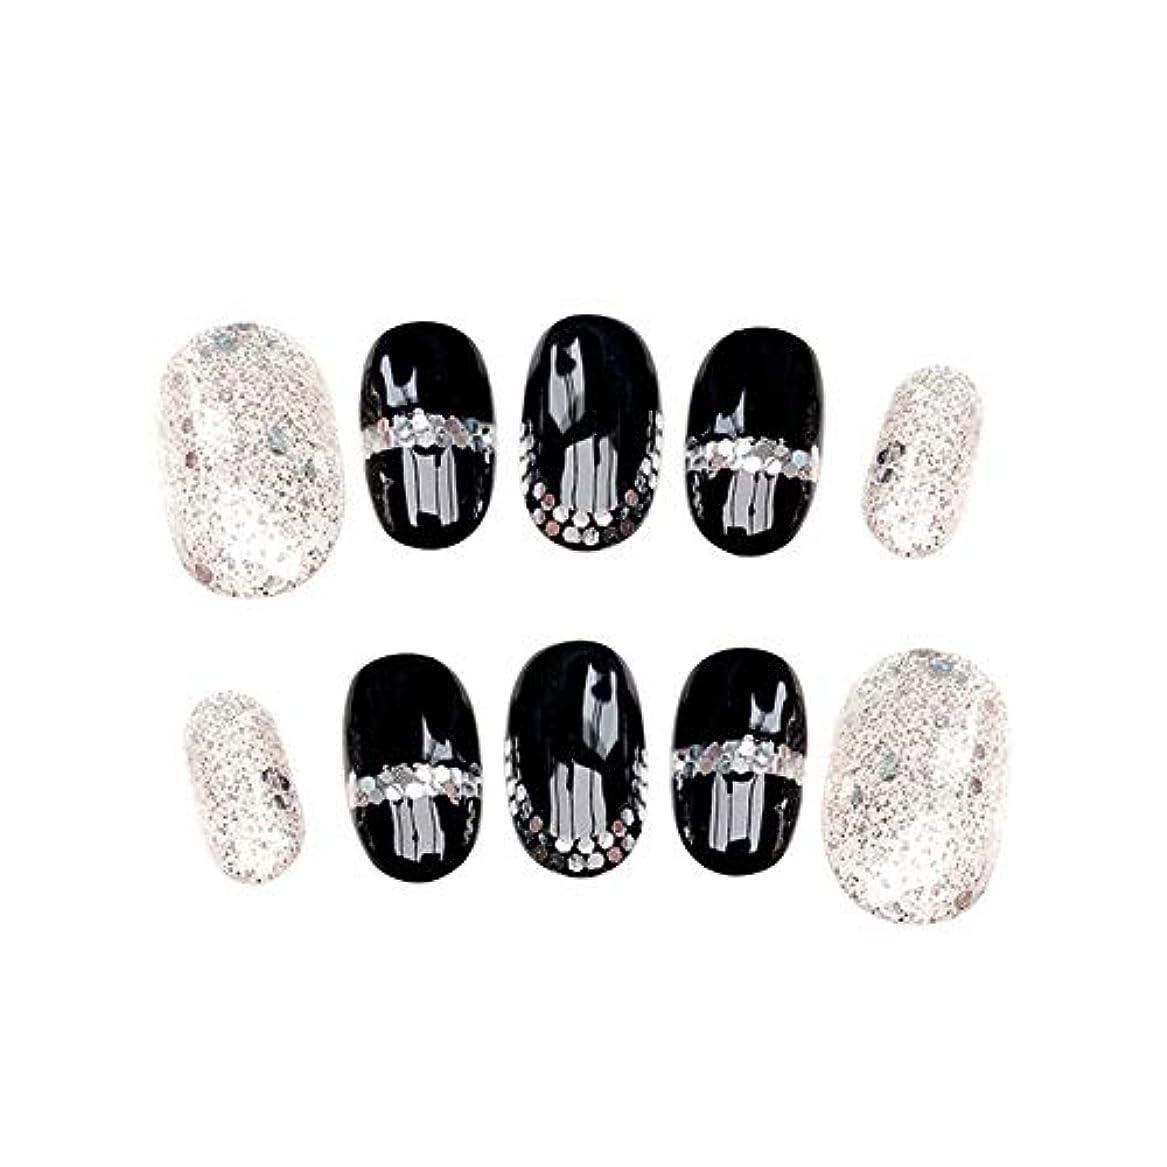 恐怖症冒険折り目Poonikuuネイルレンダリング偽のネイル 手爪 手作りネイルチップ ネイル好きの女性と花嫁 美しさ優雅綺麗 1セット24枚 接着剤付き